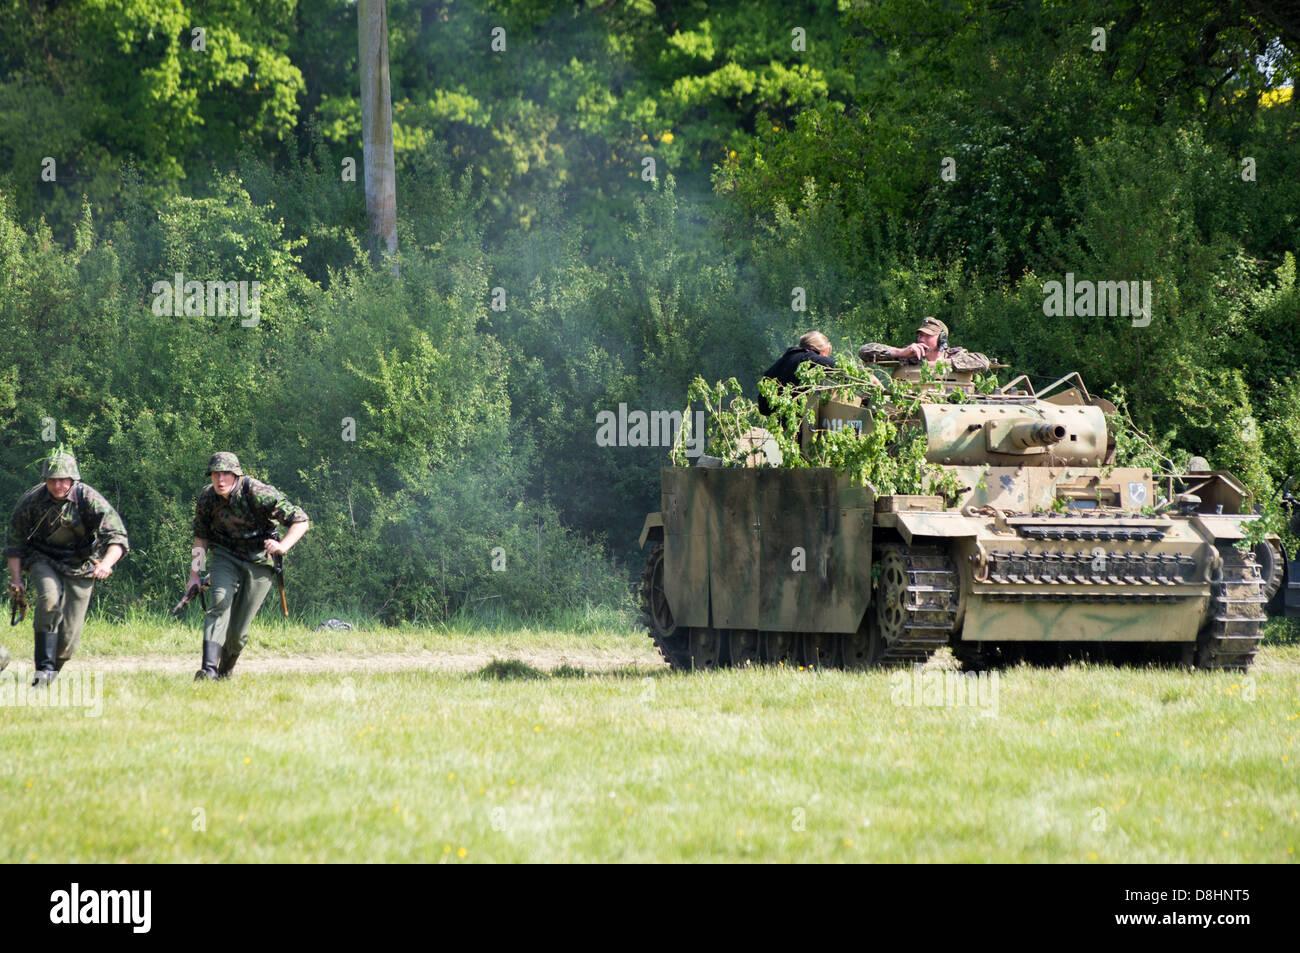 Panzer Iv Stock Photos & Panzer Iv Stock Images - Alamy